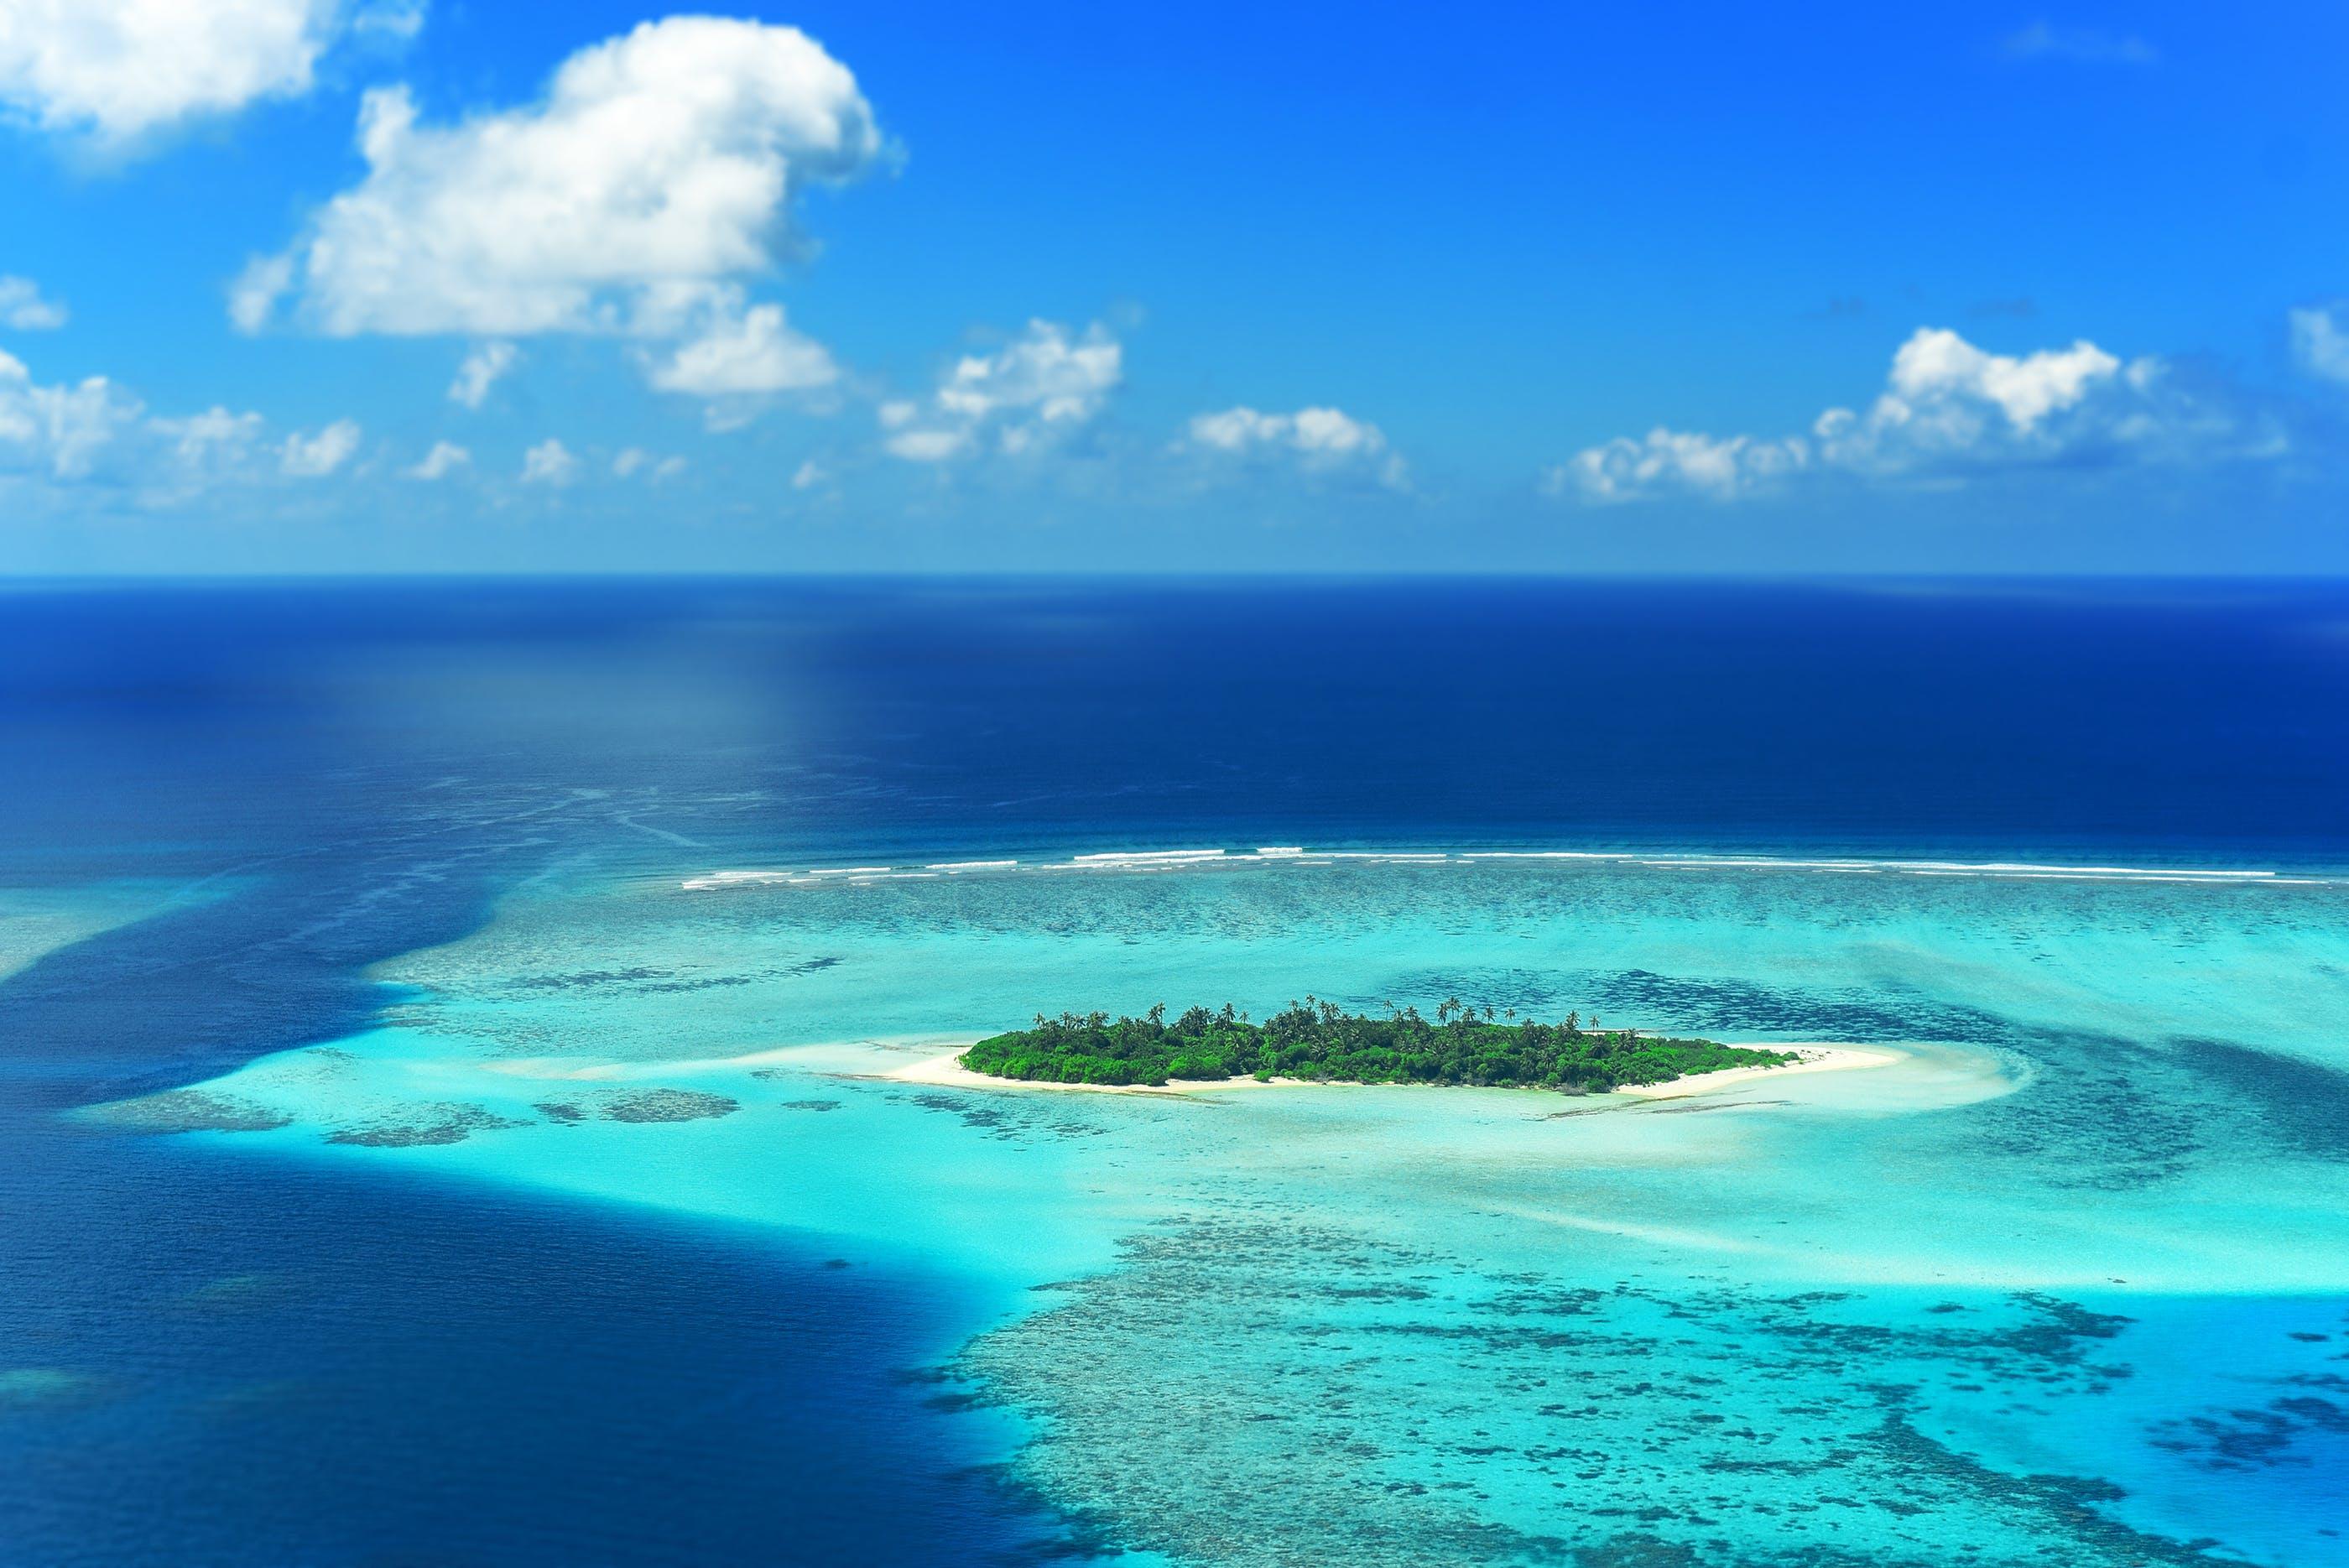 Ilmainen kuvapankkikuva tunnisteilla horisontti, lintuperspektiivi, malediivit, meri